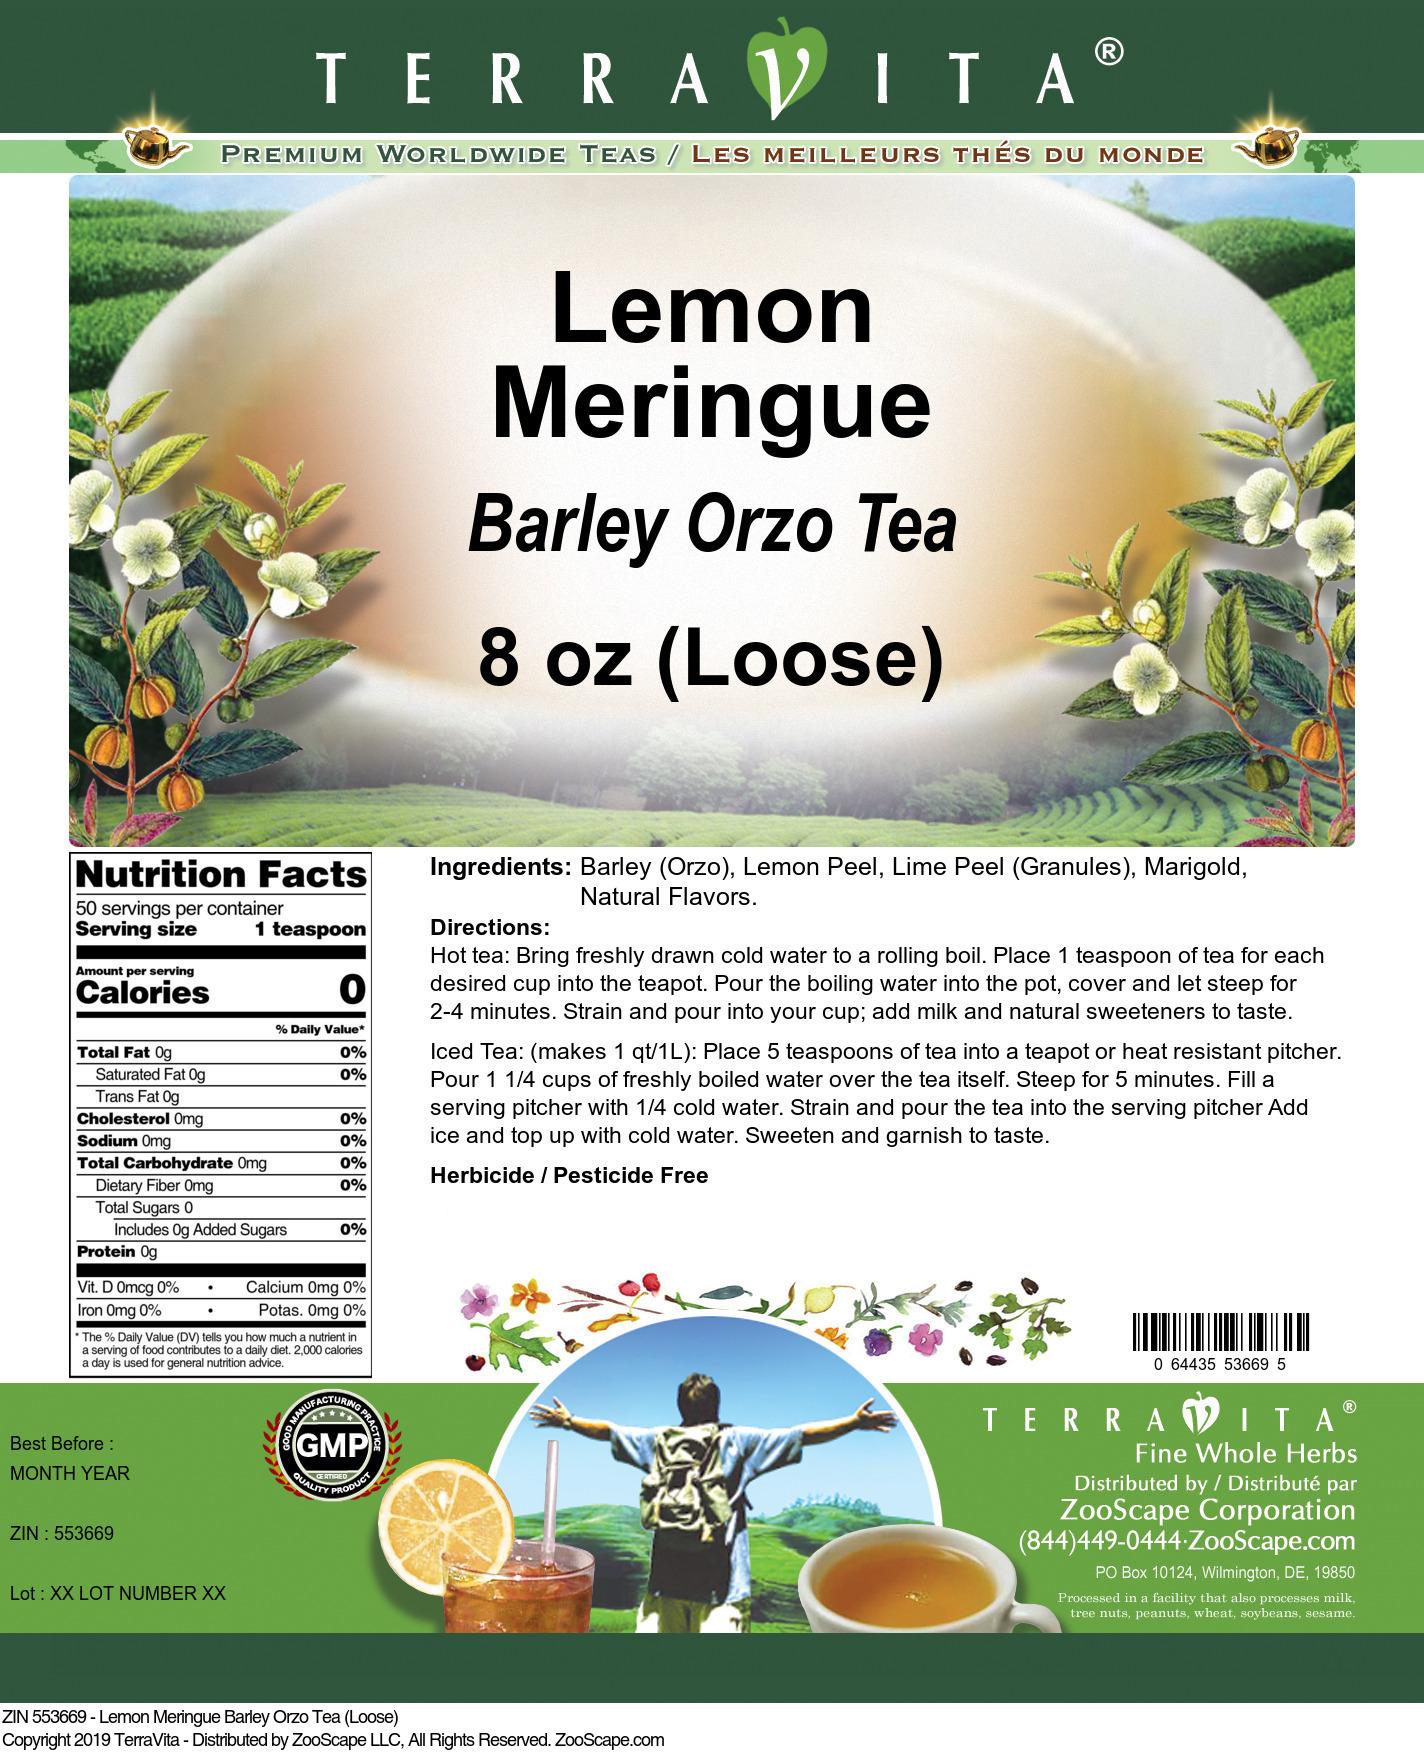 Lemon Meringue Barley Orzo Tea (Loose)